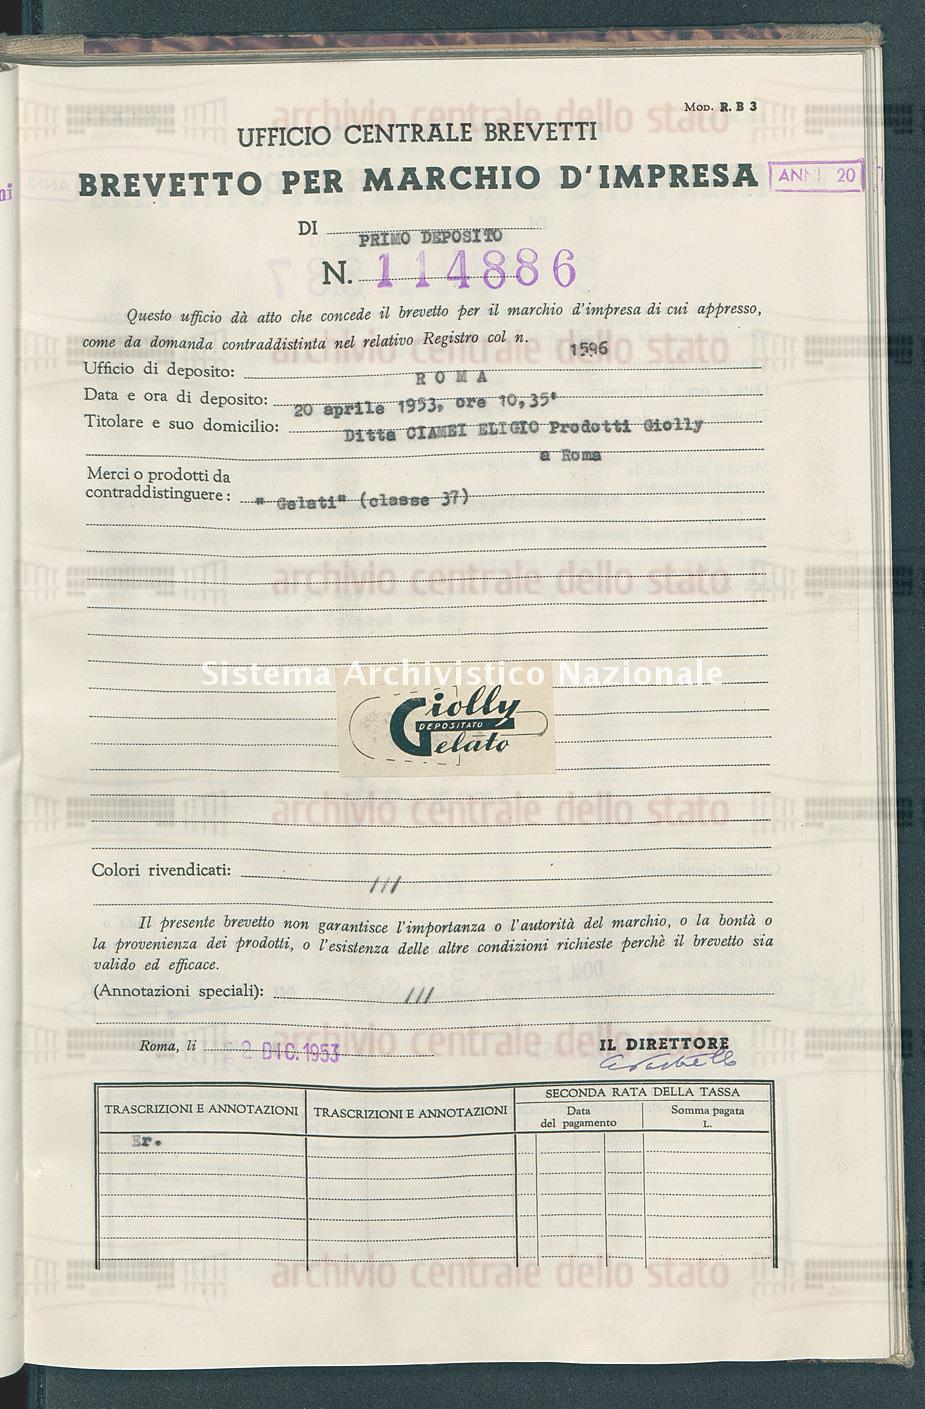 'Gelati' Ditta Ciamei Eligio Prodotti Giolly (22/12/1953)